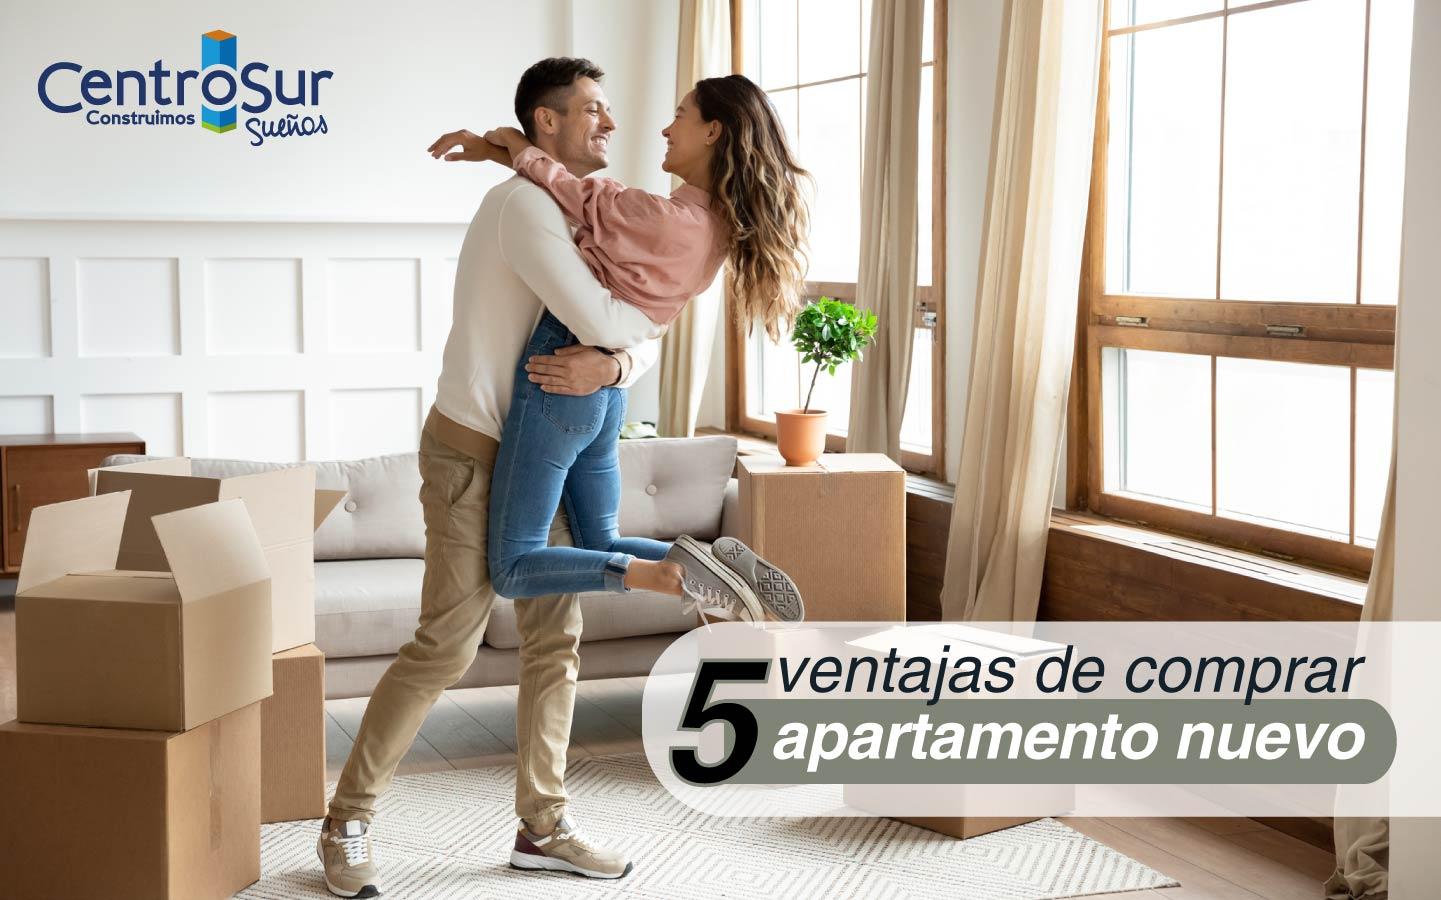 5 ventajas de comprar apartamento nuevo